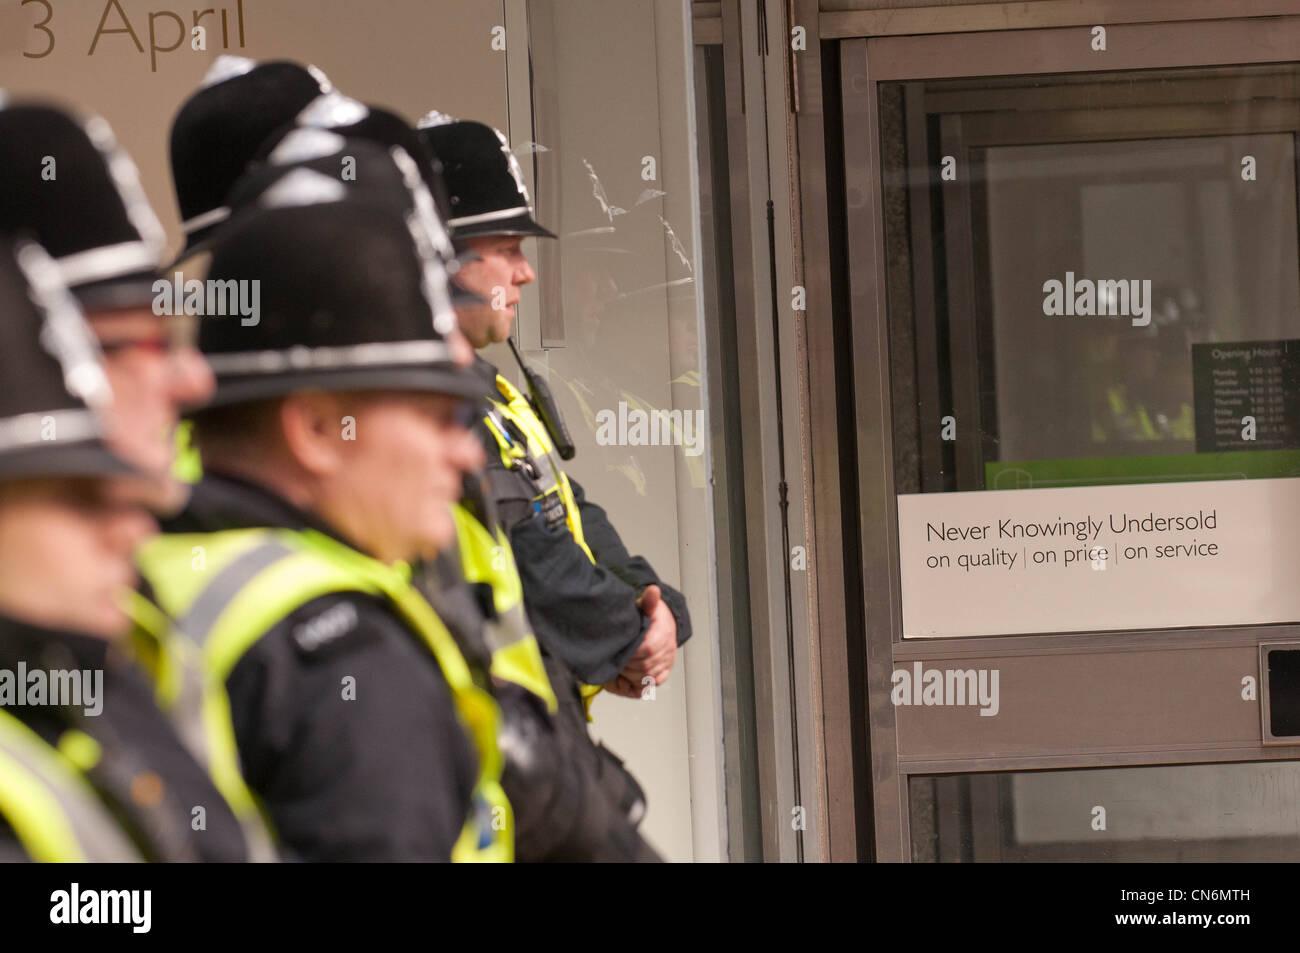 Cordon de police pour les Libéraux Démocrates conférence à Sheffield Photo Stock